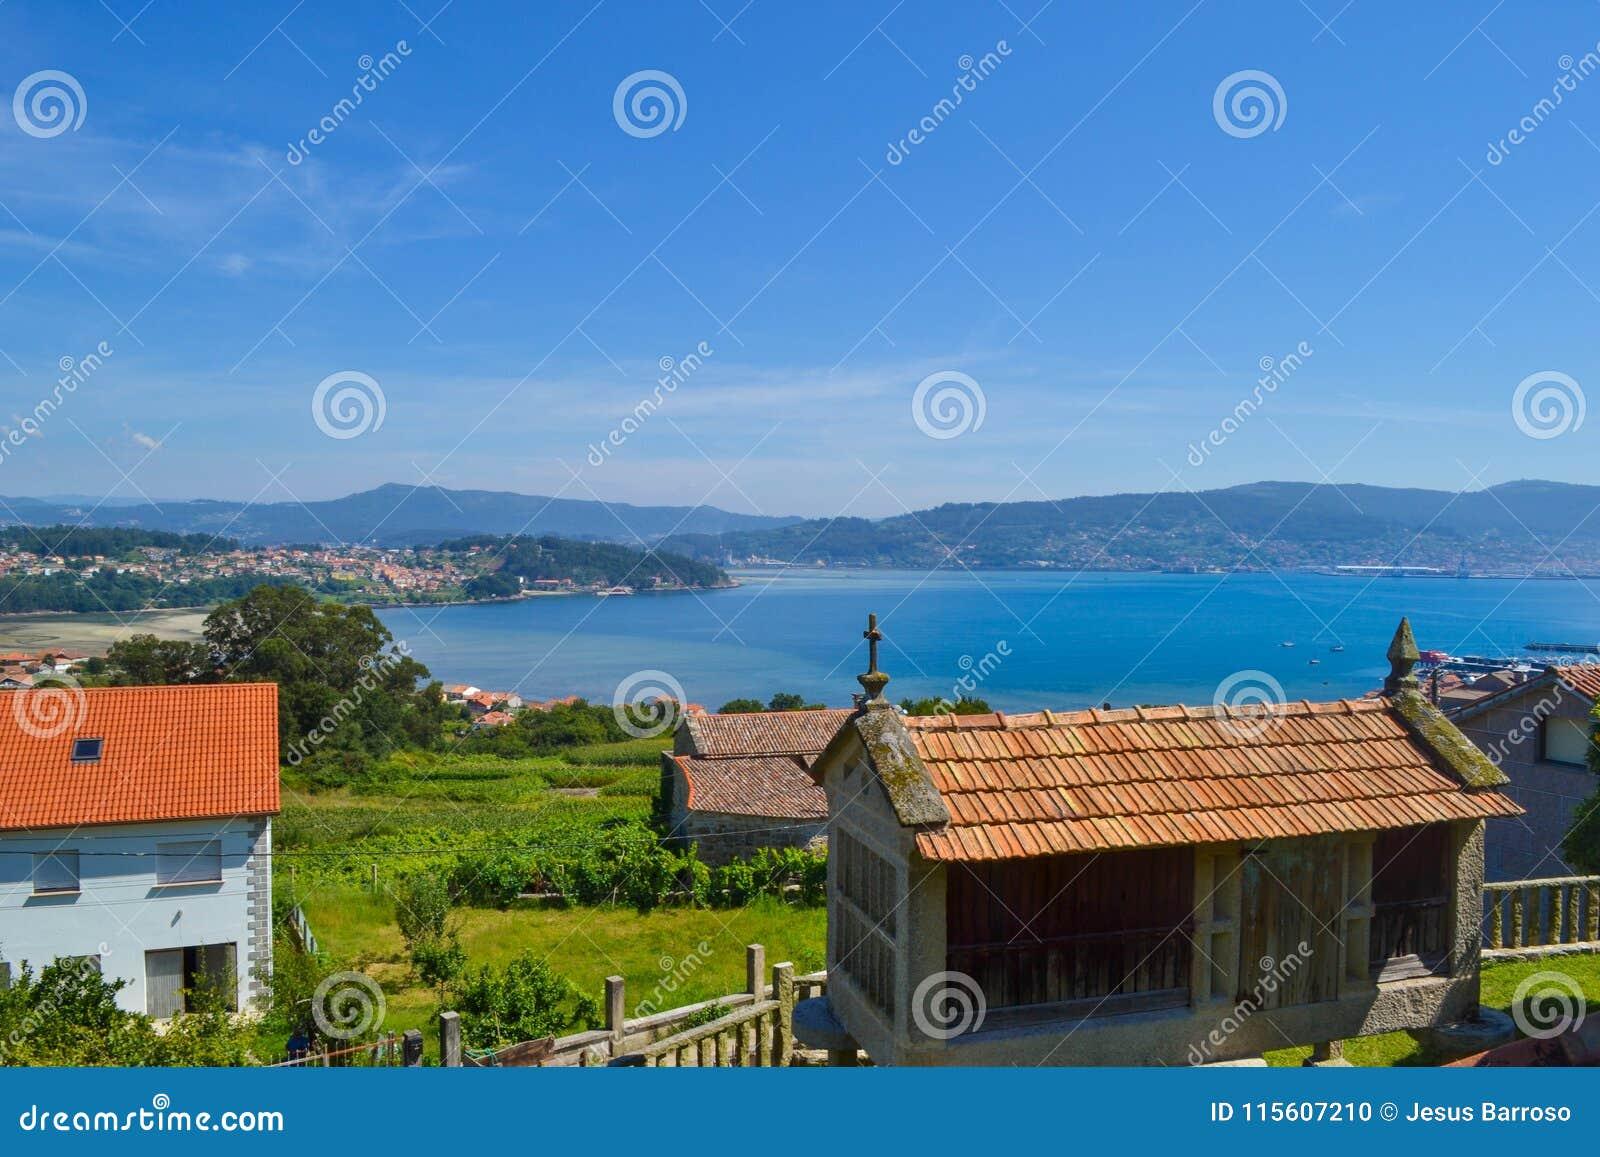 Landelijke mooie stad met landbouwbedrijven en overzees en bergen bij bac